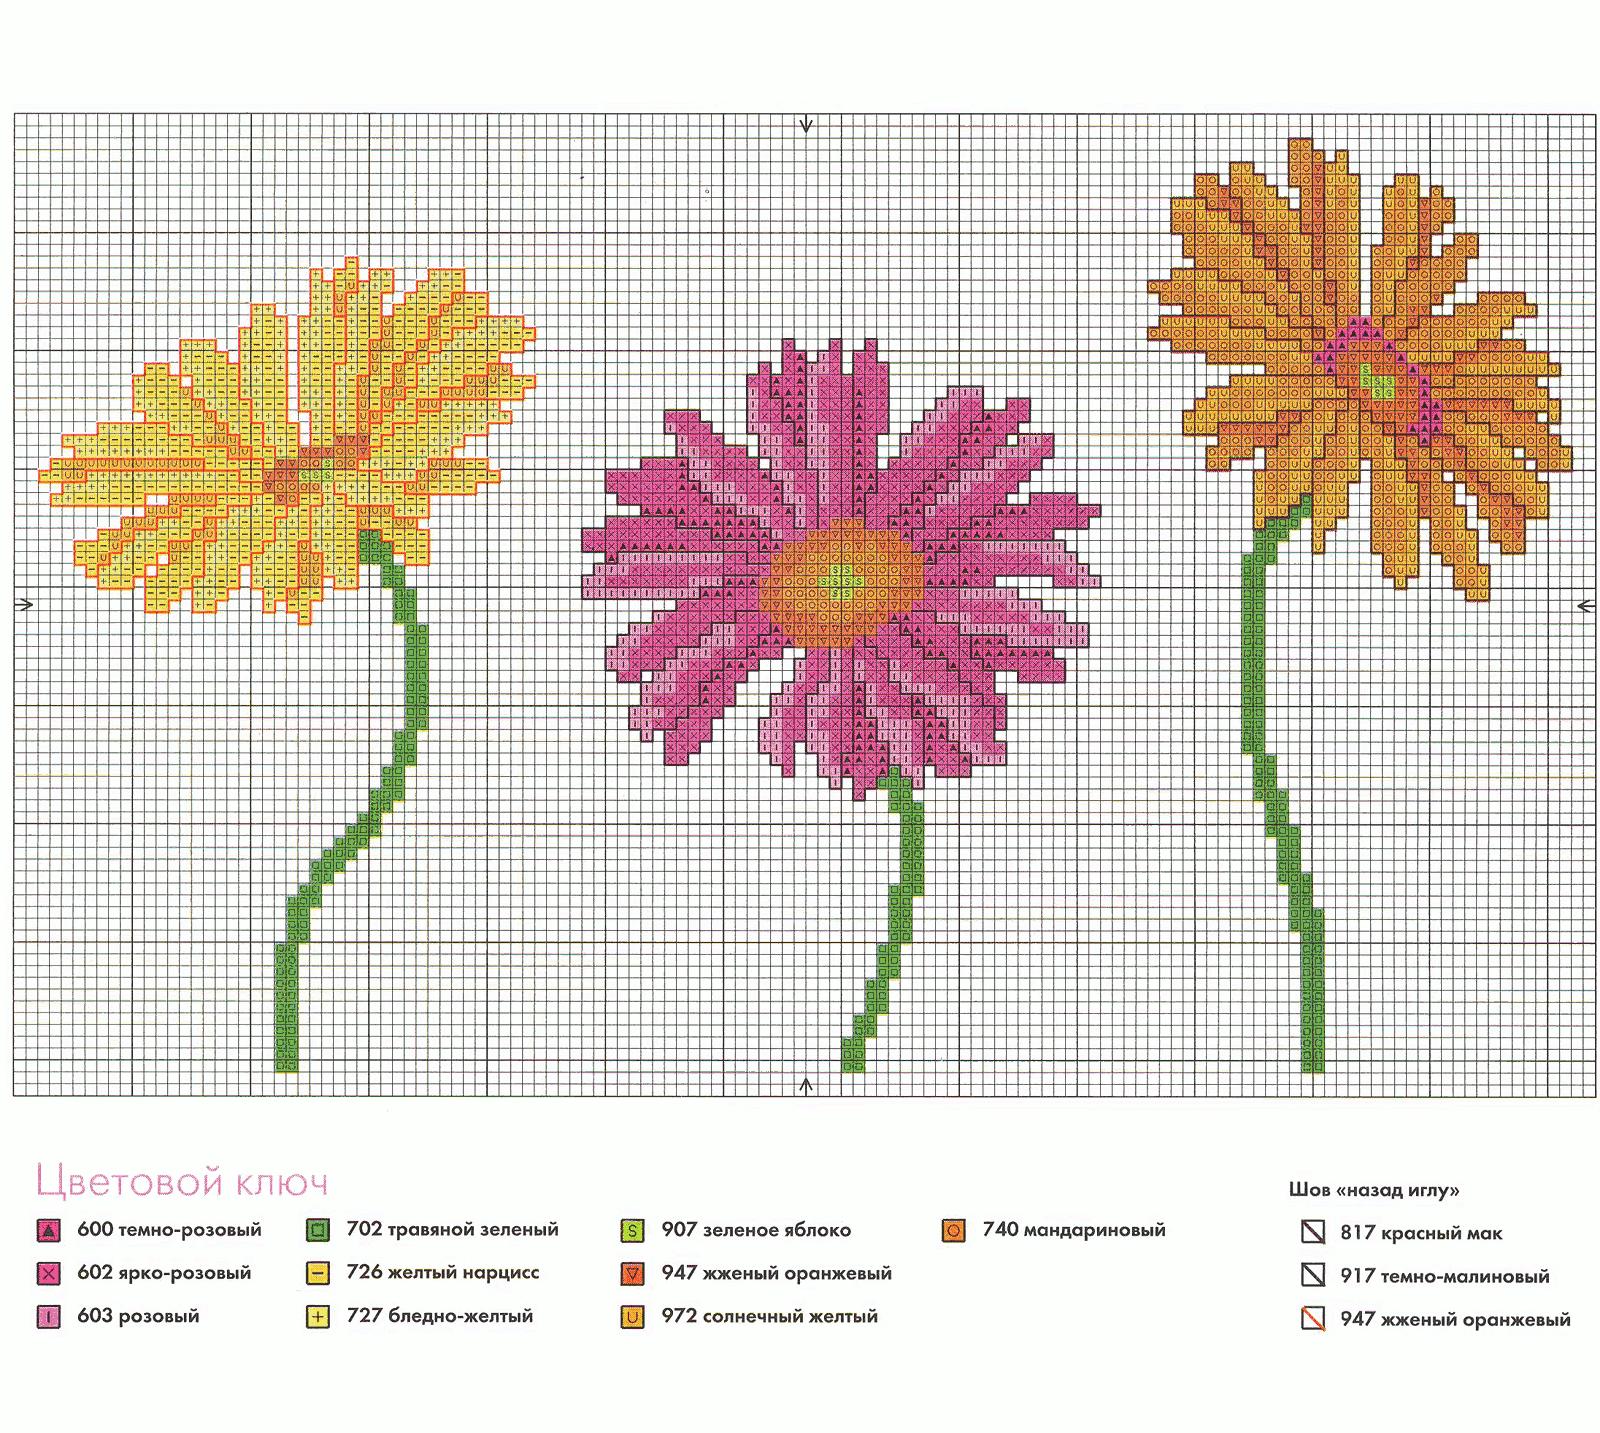 Цветовая схемы для вышивки крестом